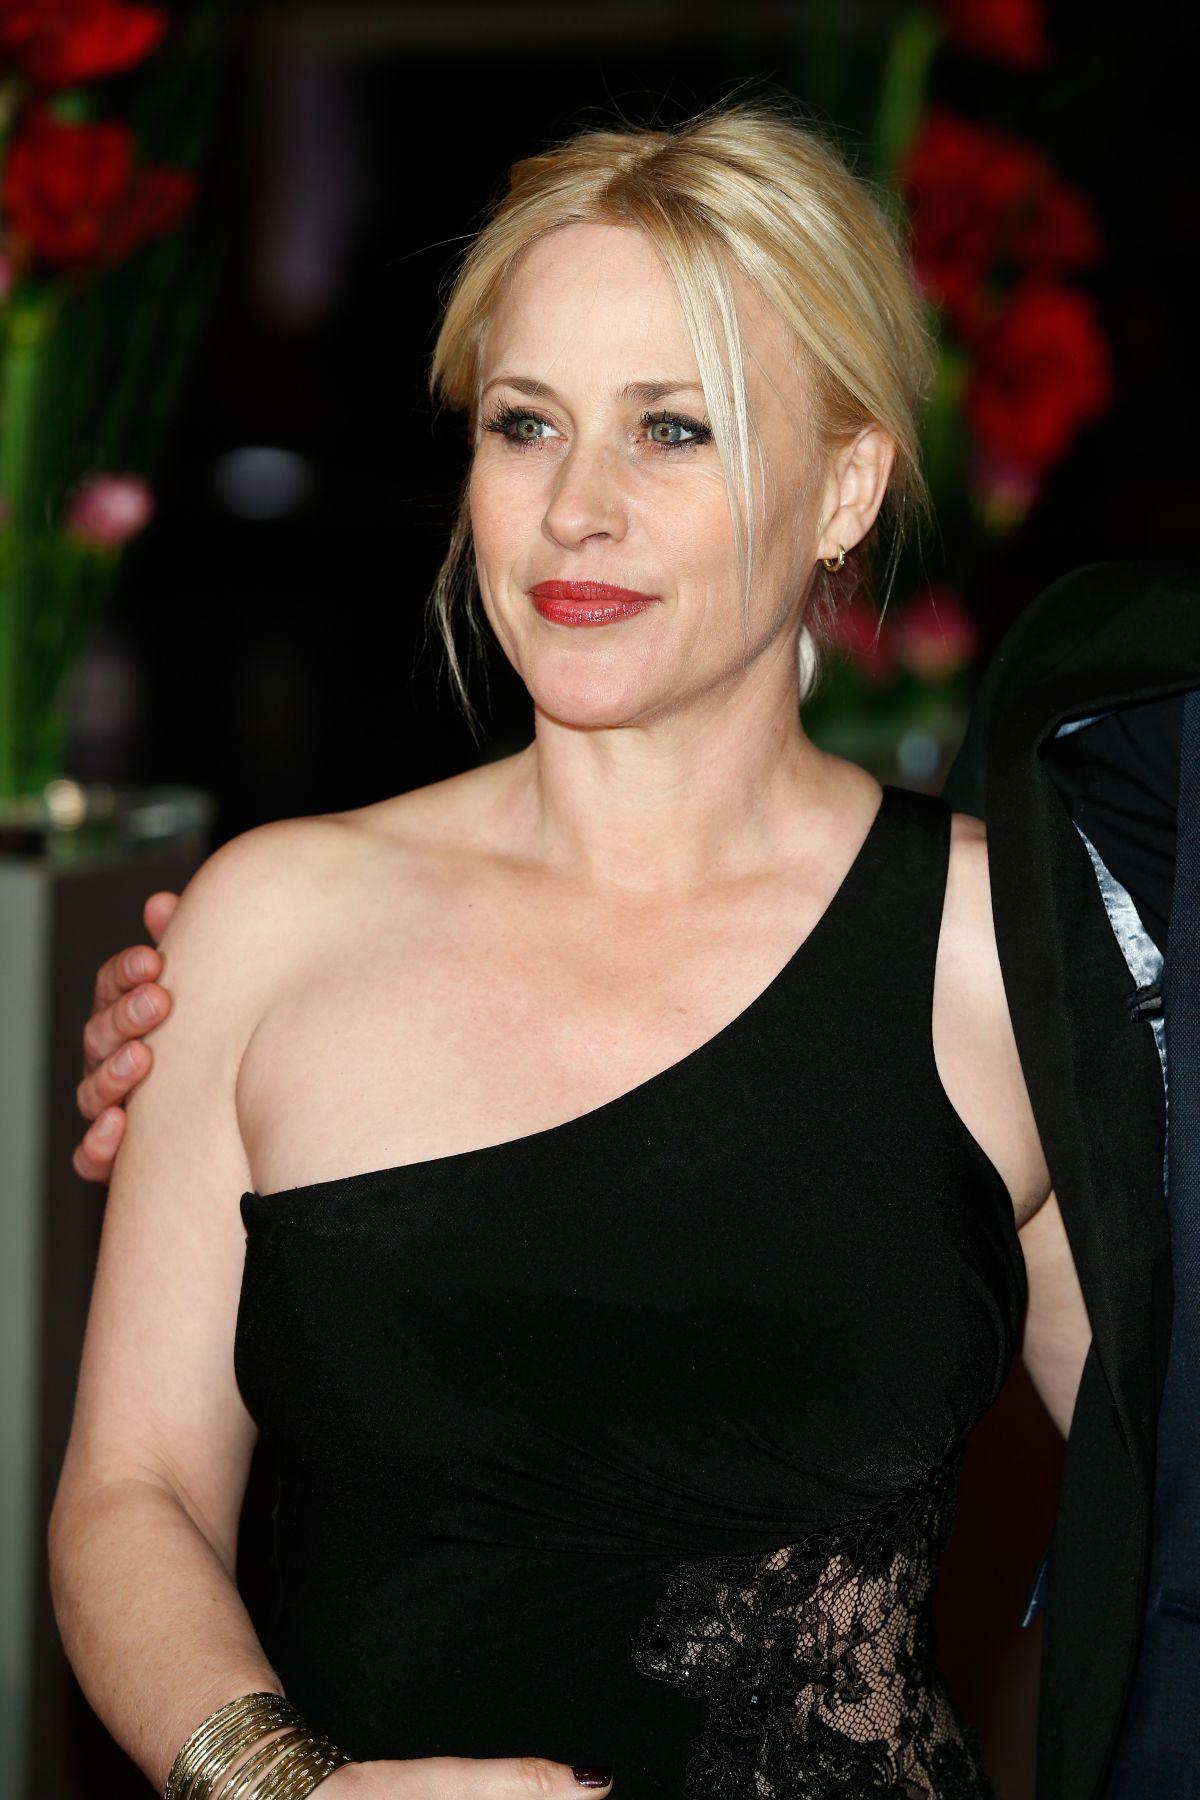 Patricia Arquette born April 8, 1968 (age 50)